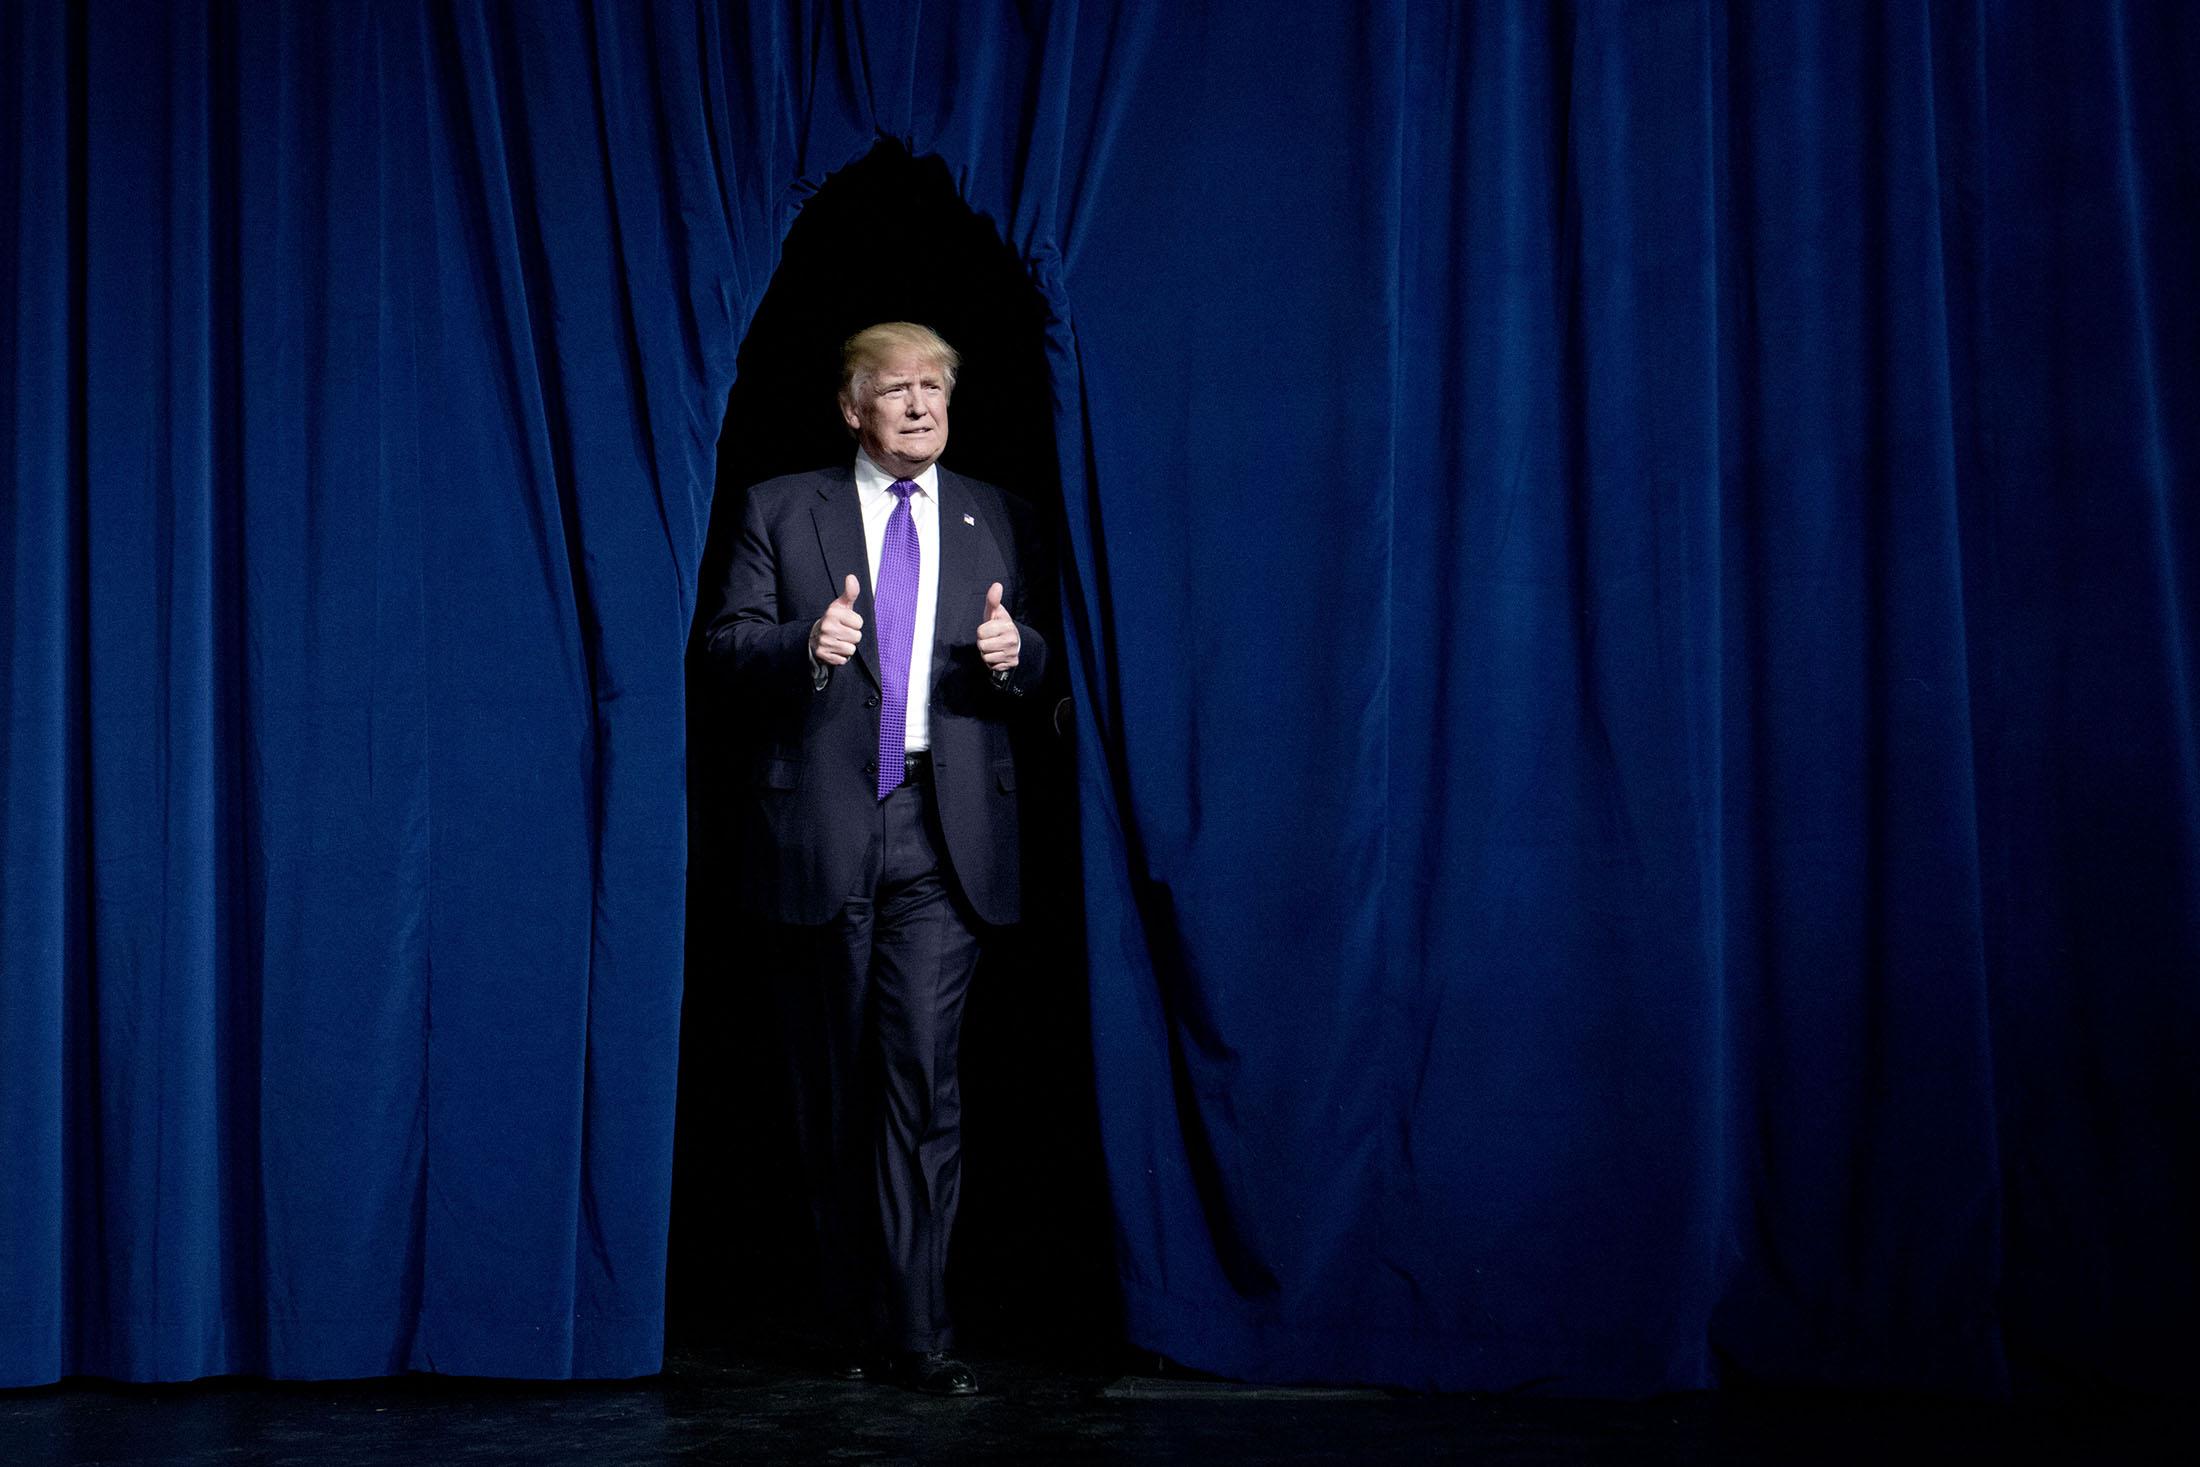 Donald Trump precis innan han håller sitt segertal på Treasure Island Resort & Casino.